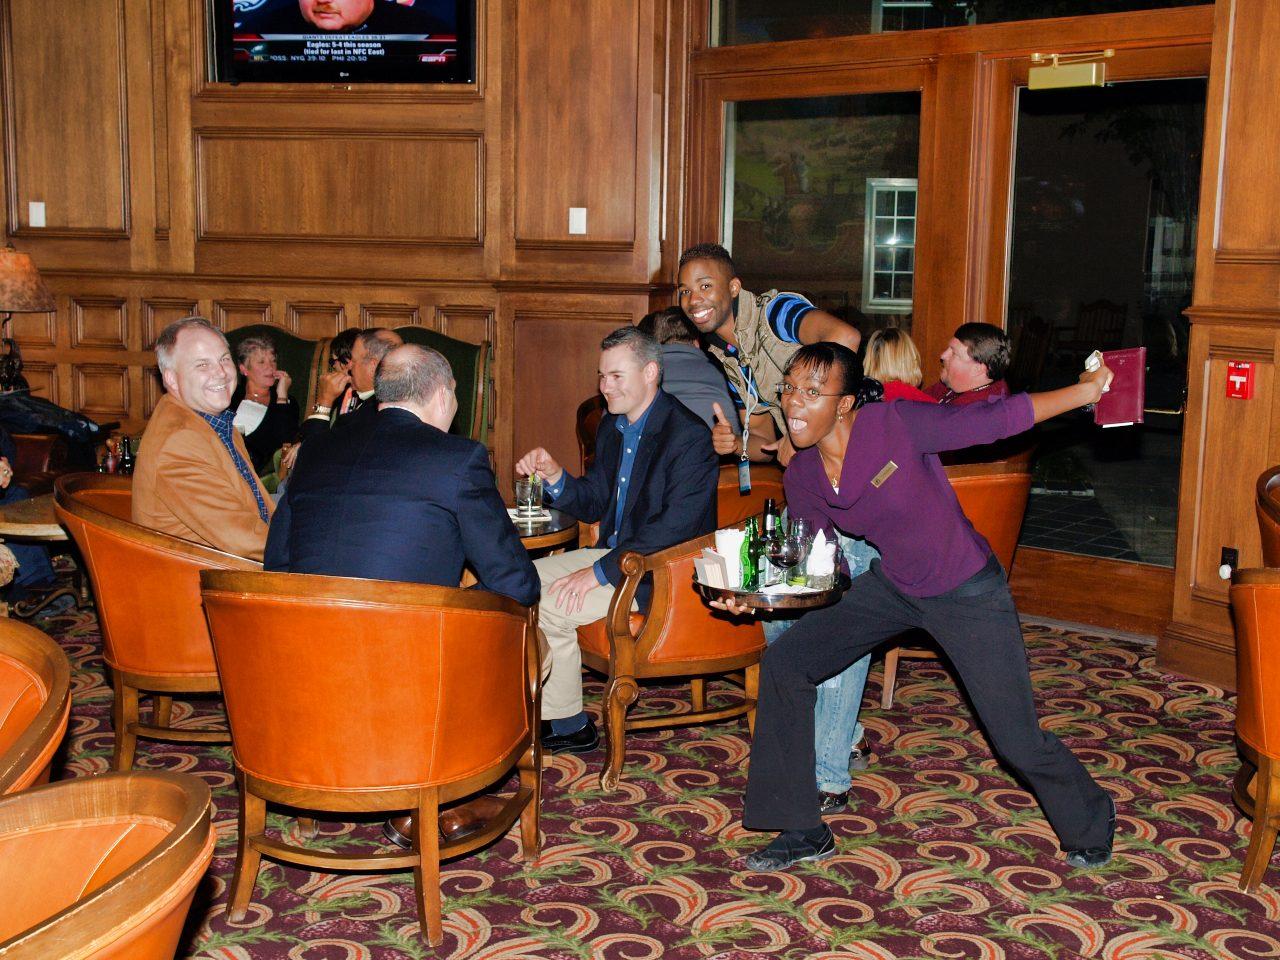 Broadmoor Hotel Bar Photobomb